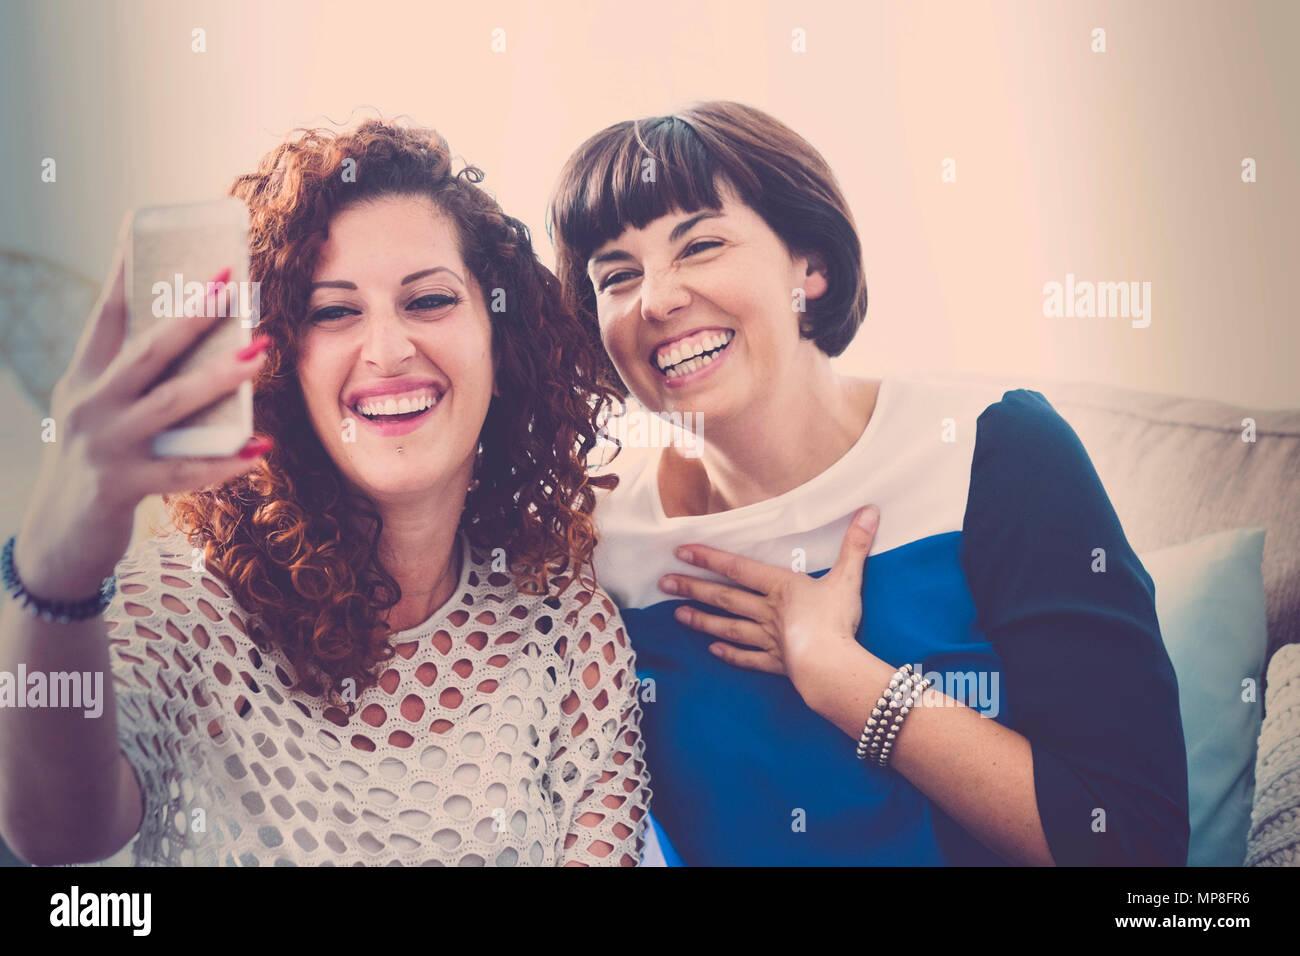 Rufen sie Freunde mit Handy in Live Video für ein paar schöne Mittlere Alter Frauen zu Hause. Kommunizieren und moderne Verbunden Personen Konzept. Stockbild